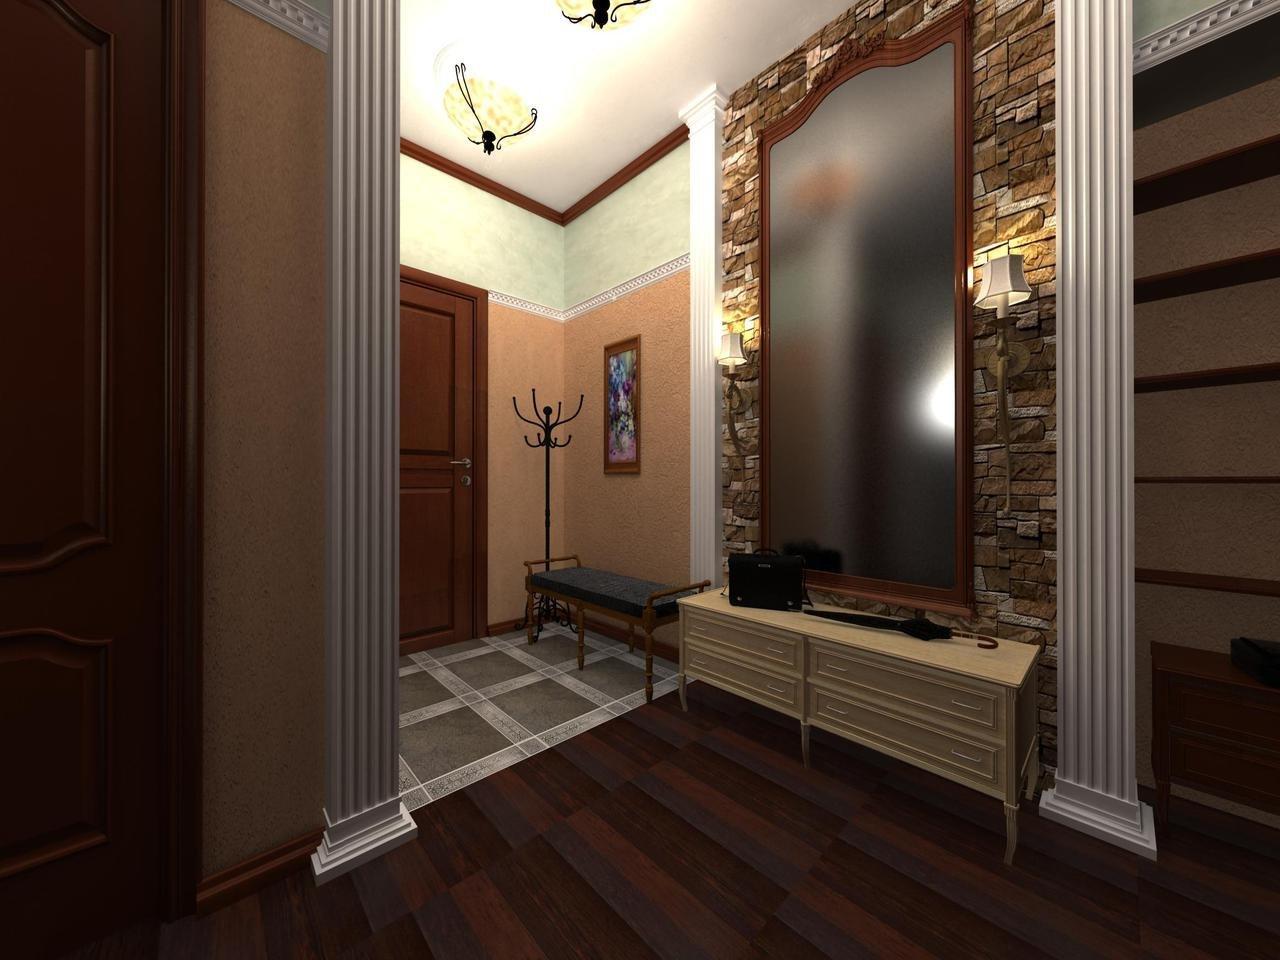 Дизайн дома люкс фото берете себе